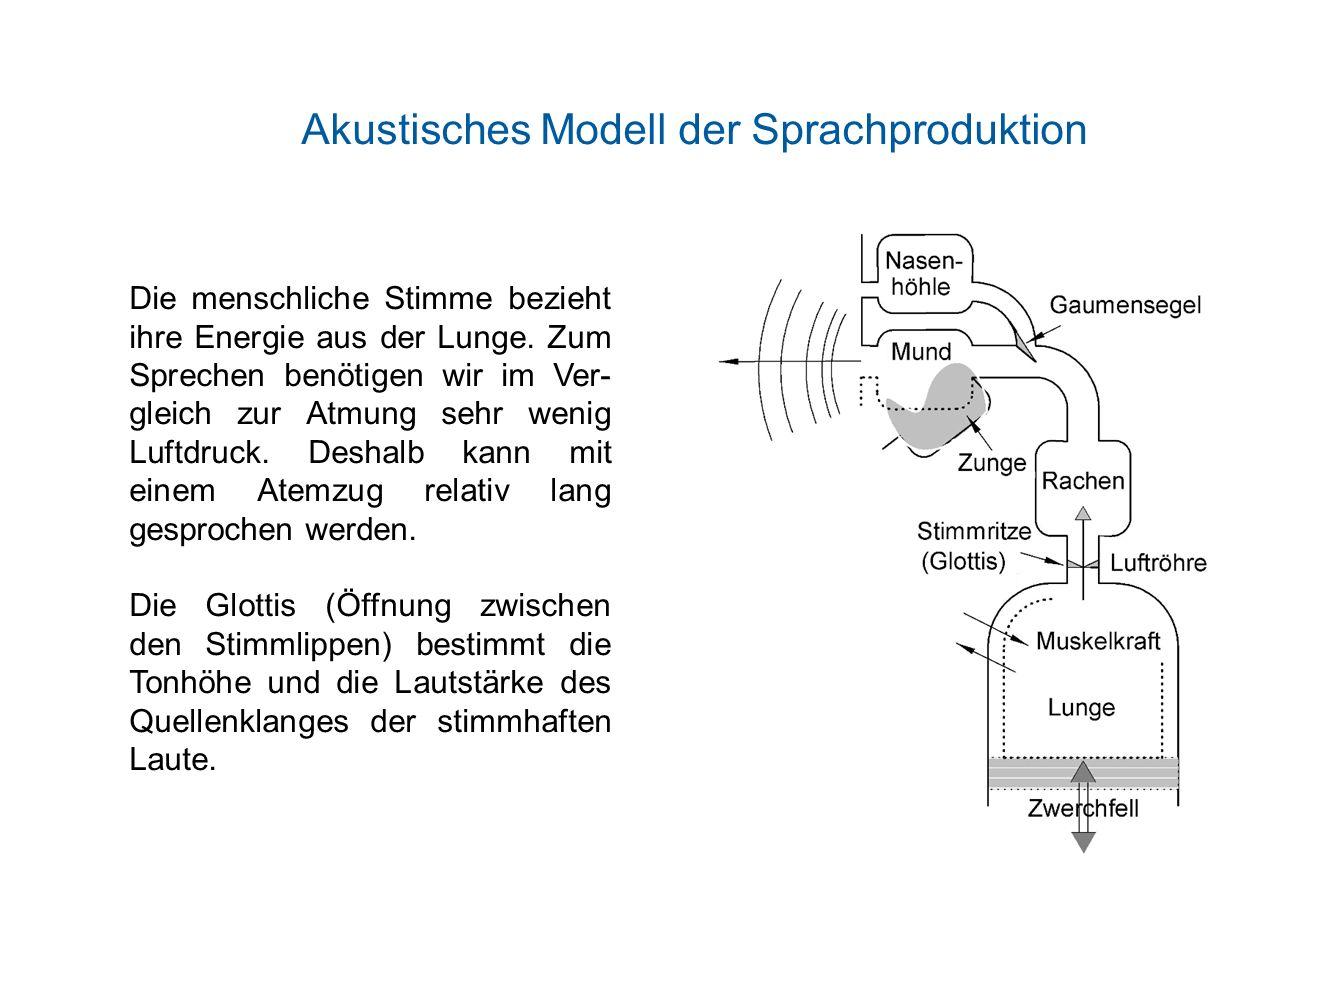 Akustisches Modell der Sprachproduktion